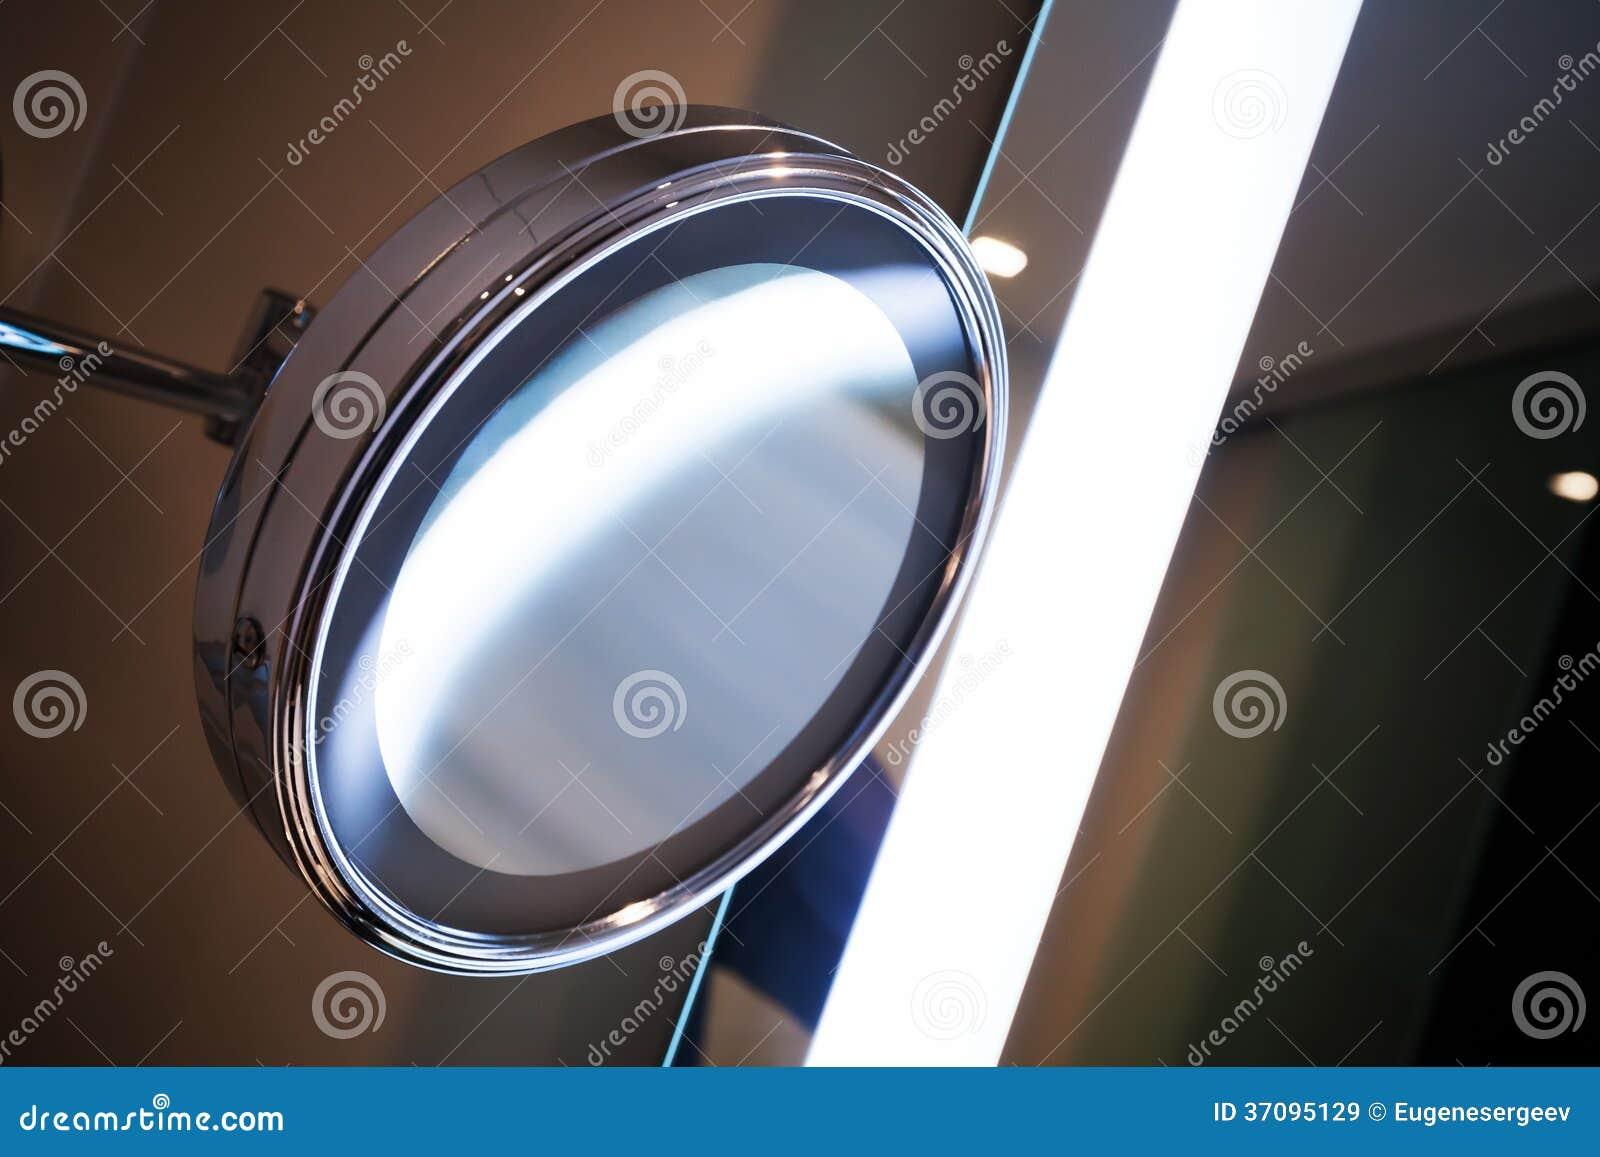 runder spiegel mit heller beleuchtung lizenzfreie stockbilder bild 37095129. Black Bedroom Furniture Sets. Home Design Ideas